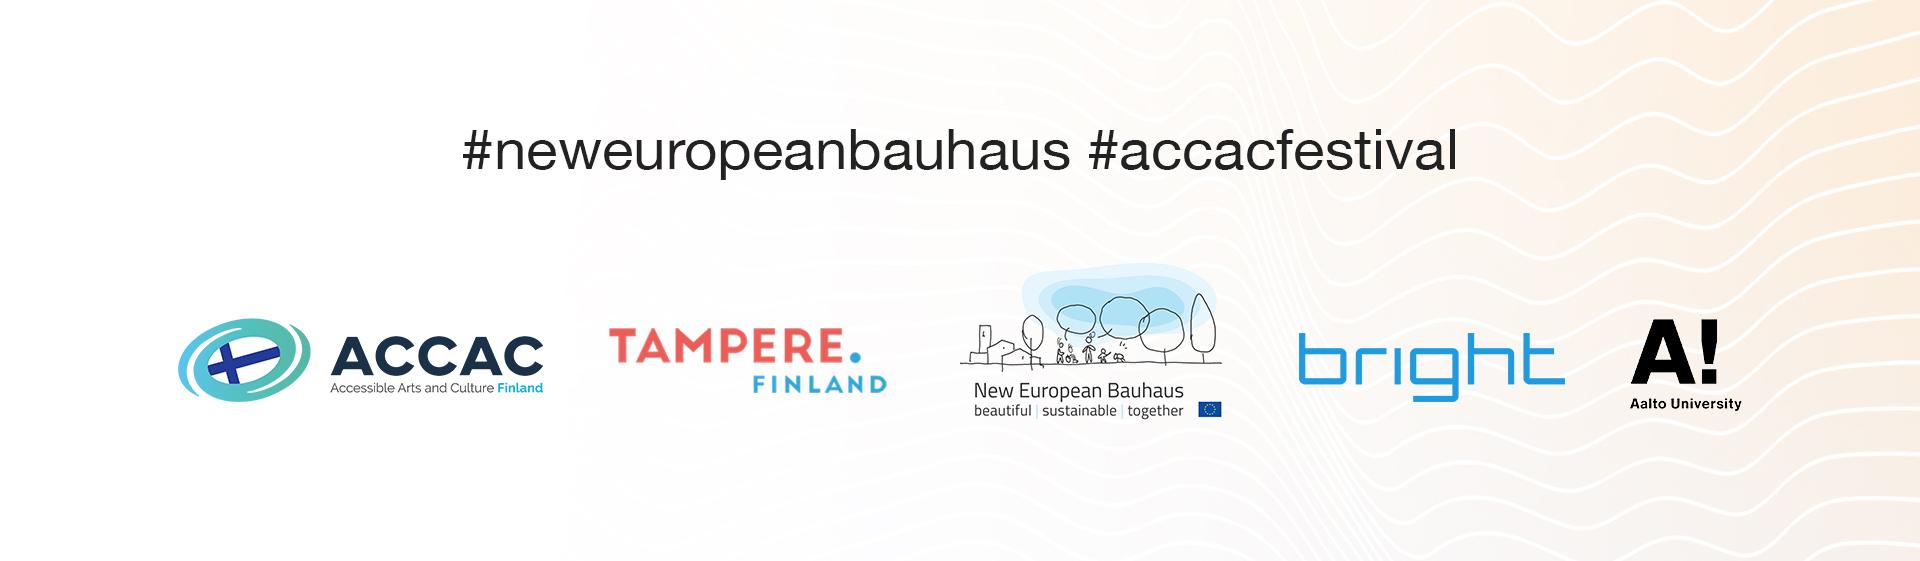 #neweuropeanbauhaus #accacfestival